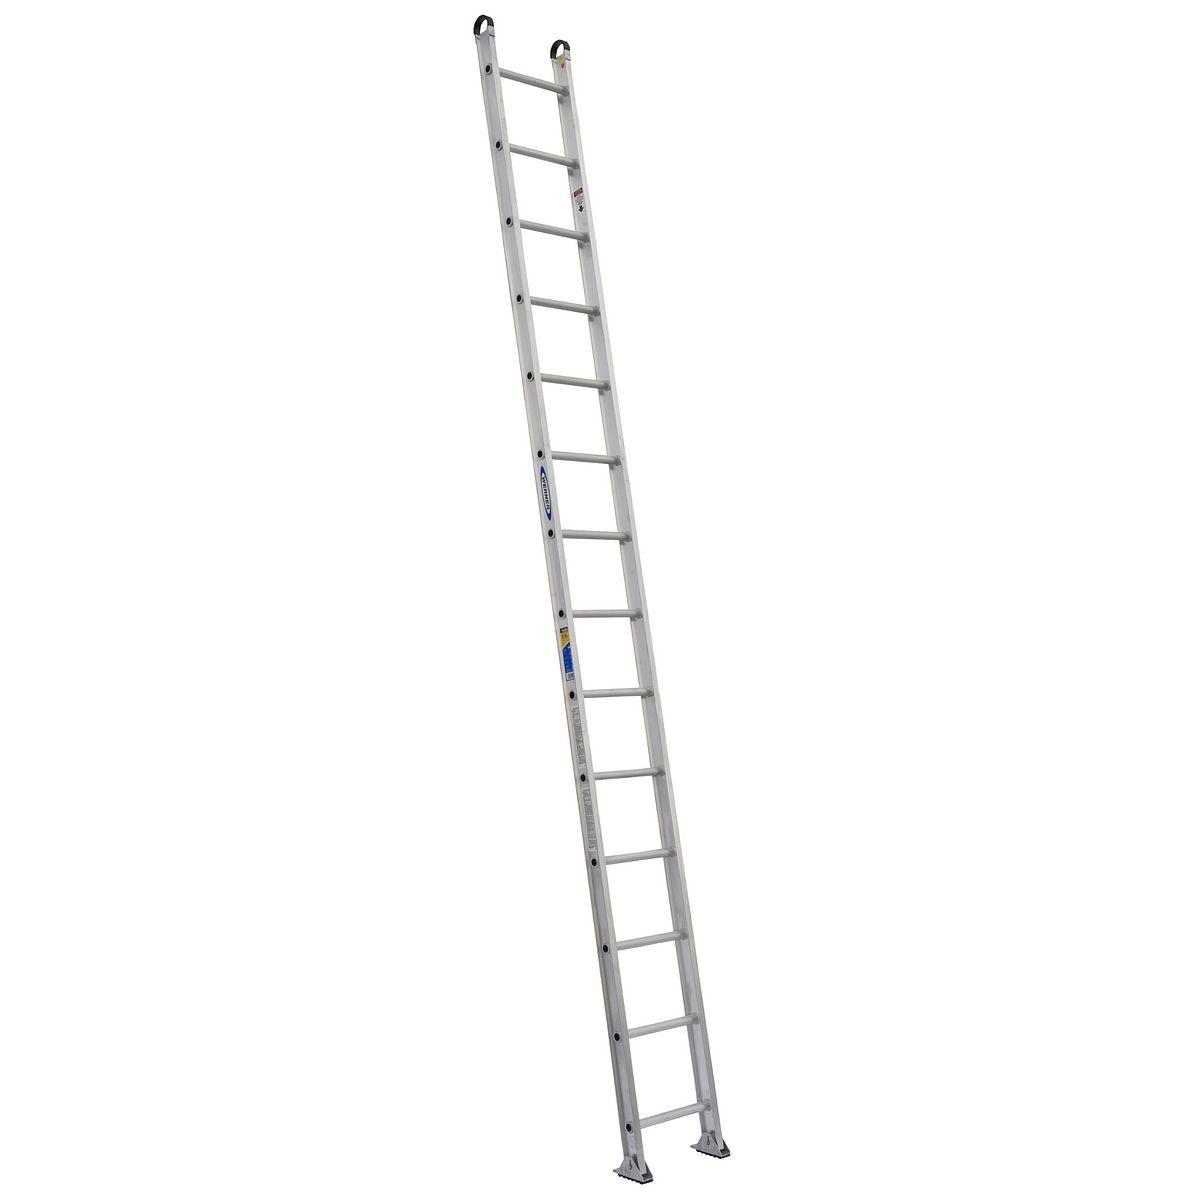 514 1 extension ladders werner us for Escalera de aluminio de 3 metros